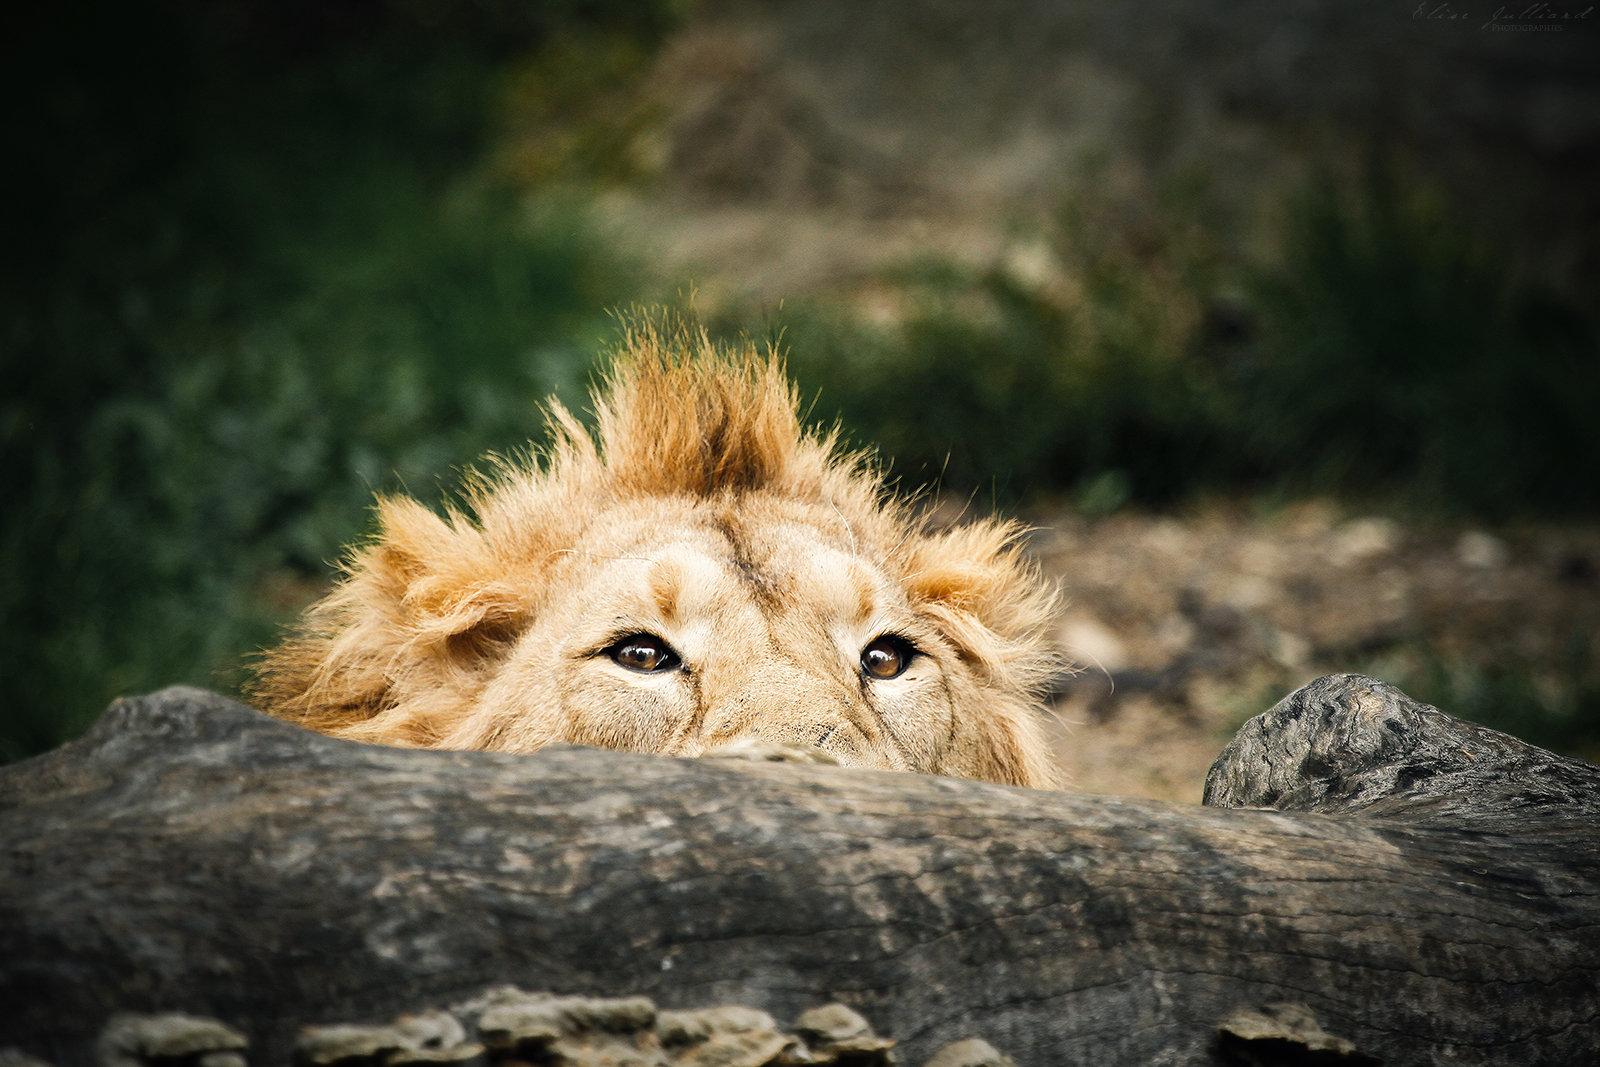 elise-julliard-photographe-photo-lion-asie-parc-de-la-tete-dor-lyon-captivite